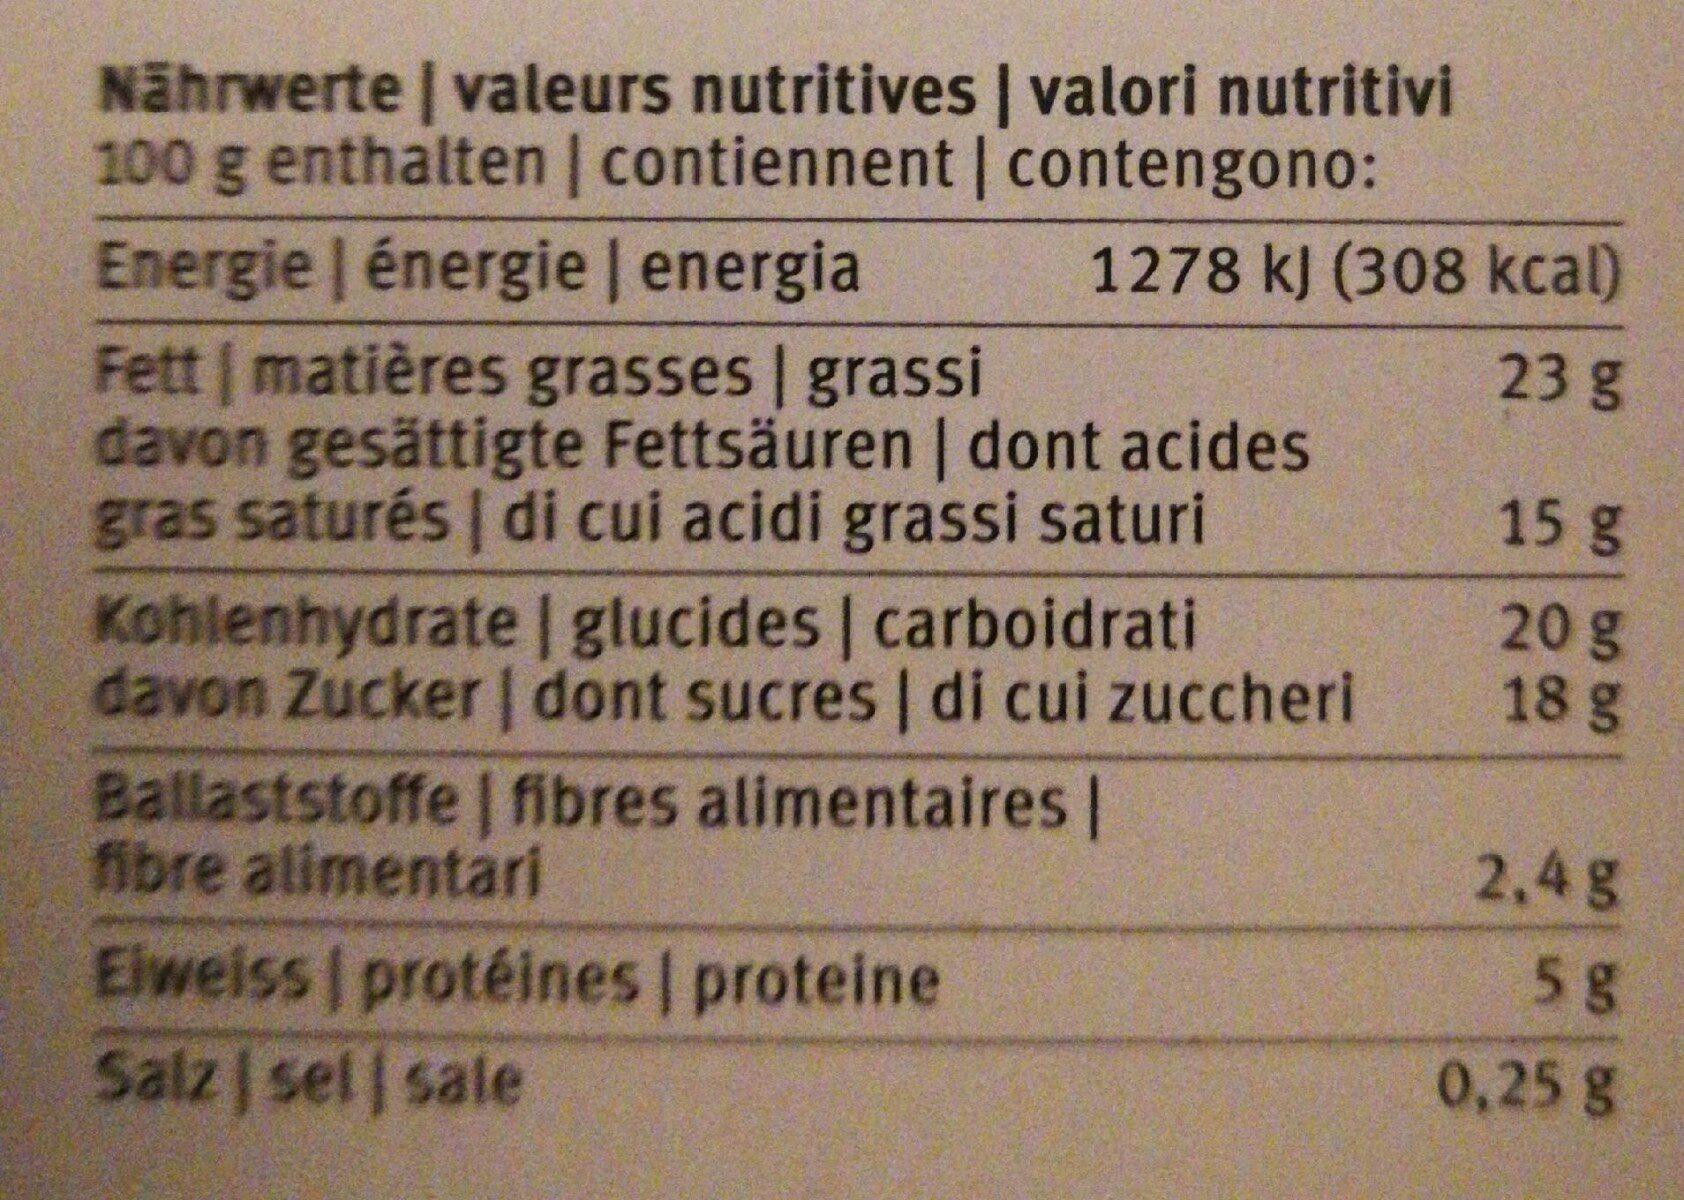 MOUSSE AU CHOCOLAT - Informazioni nutrizionali - fr